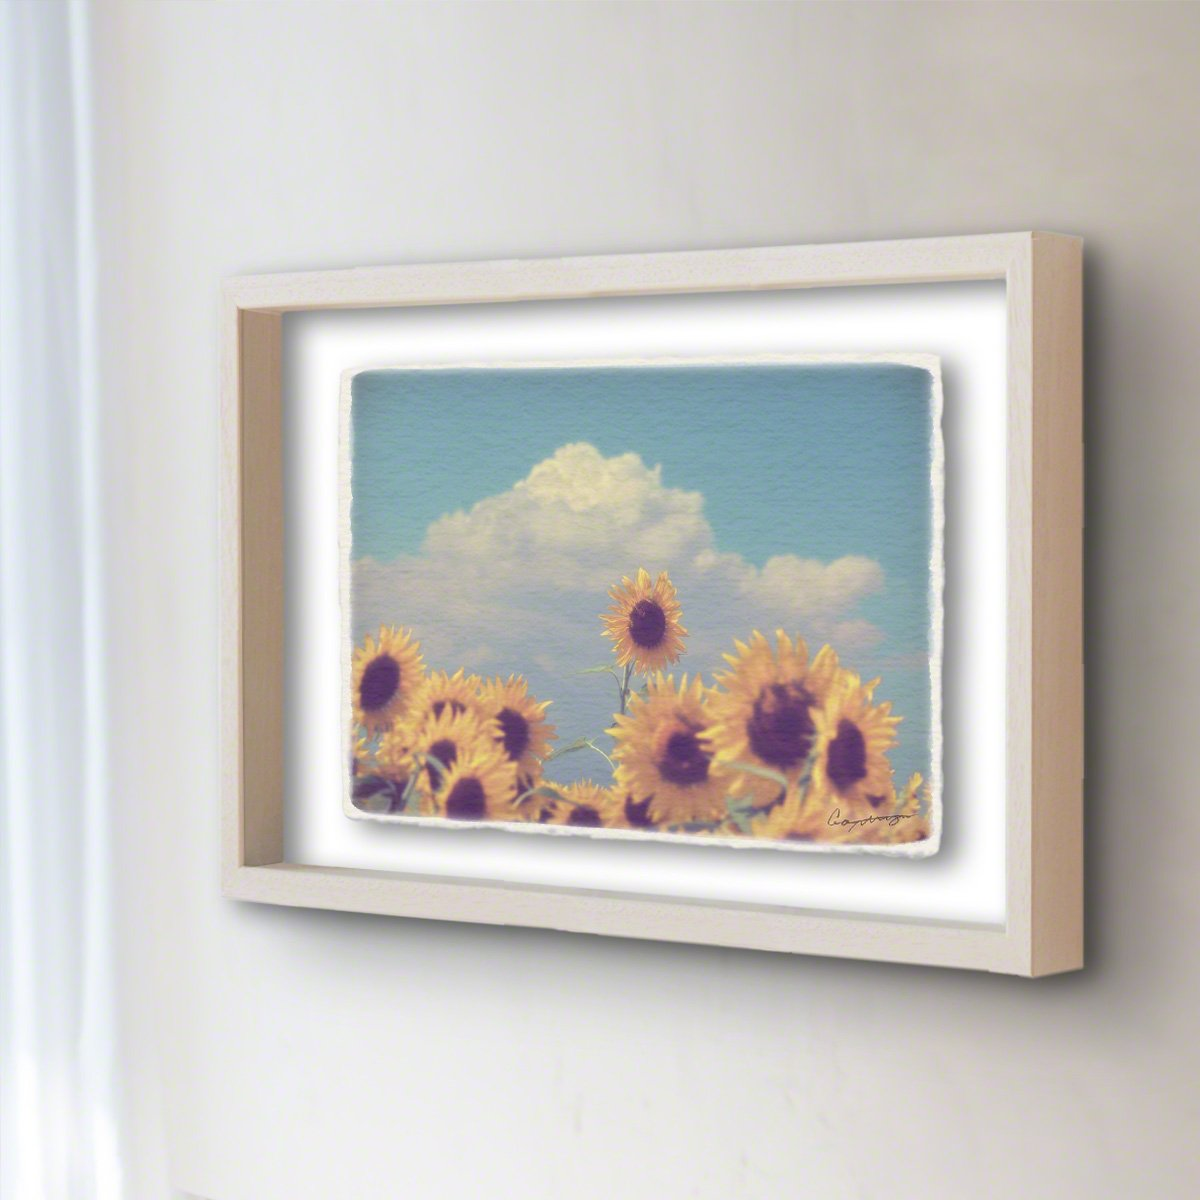 和紙 アートフレーム 「入道雲と顔を出したヒマワリの花」 (64x52cm) 花 絵 絵画 壁掛け 壁飾り 額縁 インテリア アート B07F1VKHTF 25.アートフレーム(長辺64cm) 120000円 入道雲と顔を出したヒマワリの花 入道雲と顔を出したヒマワリの花 25.アートフレーム(長辺64cm) 120000円